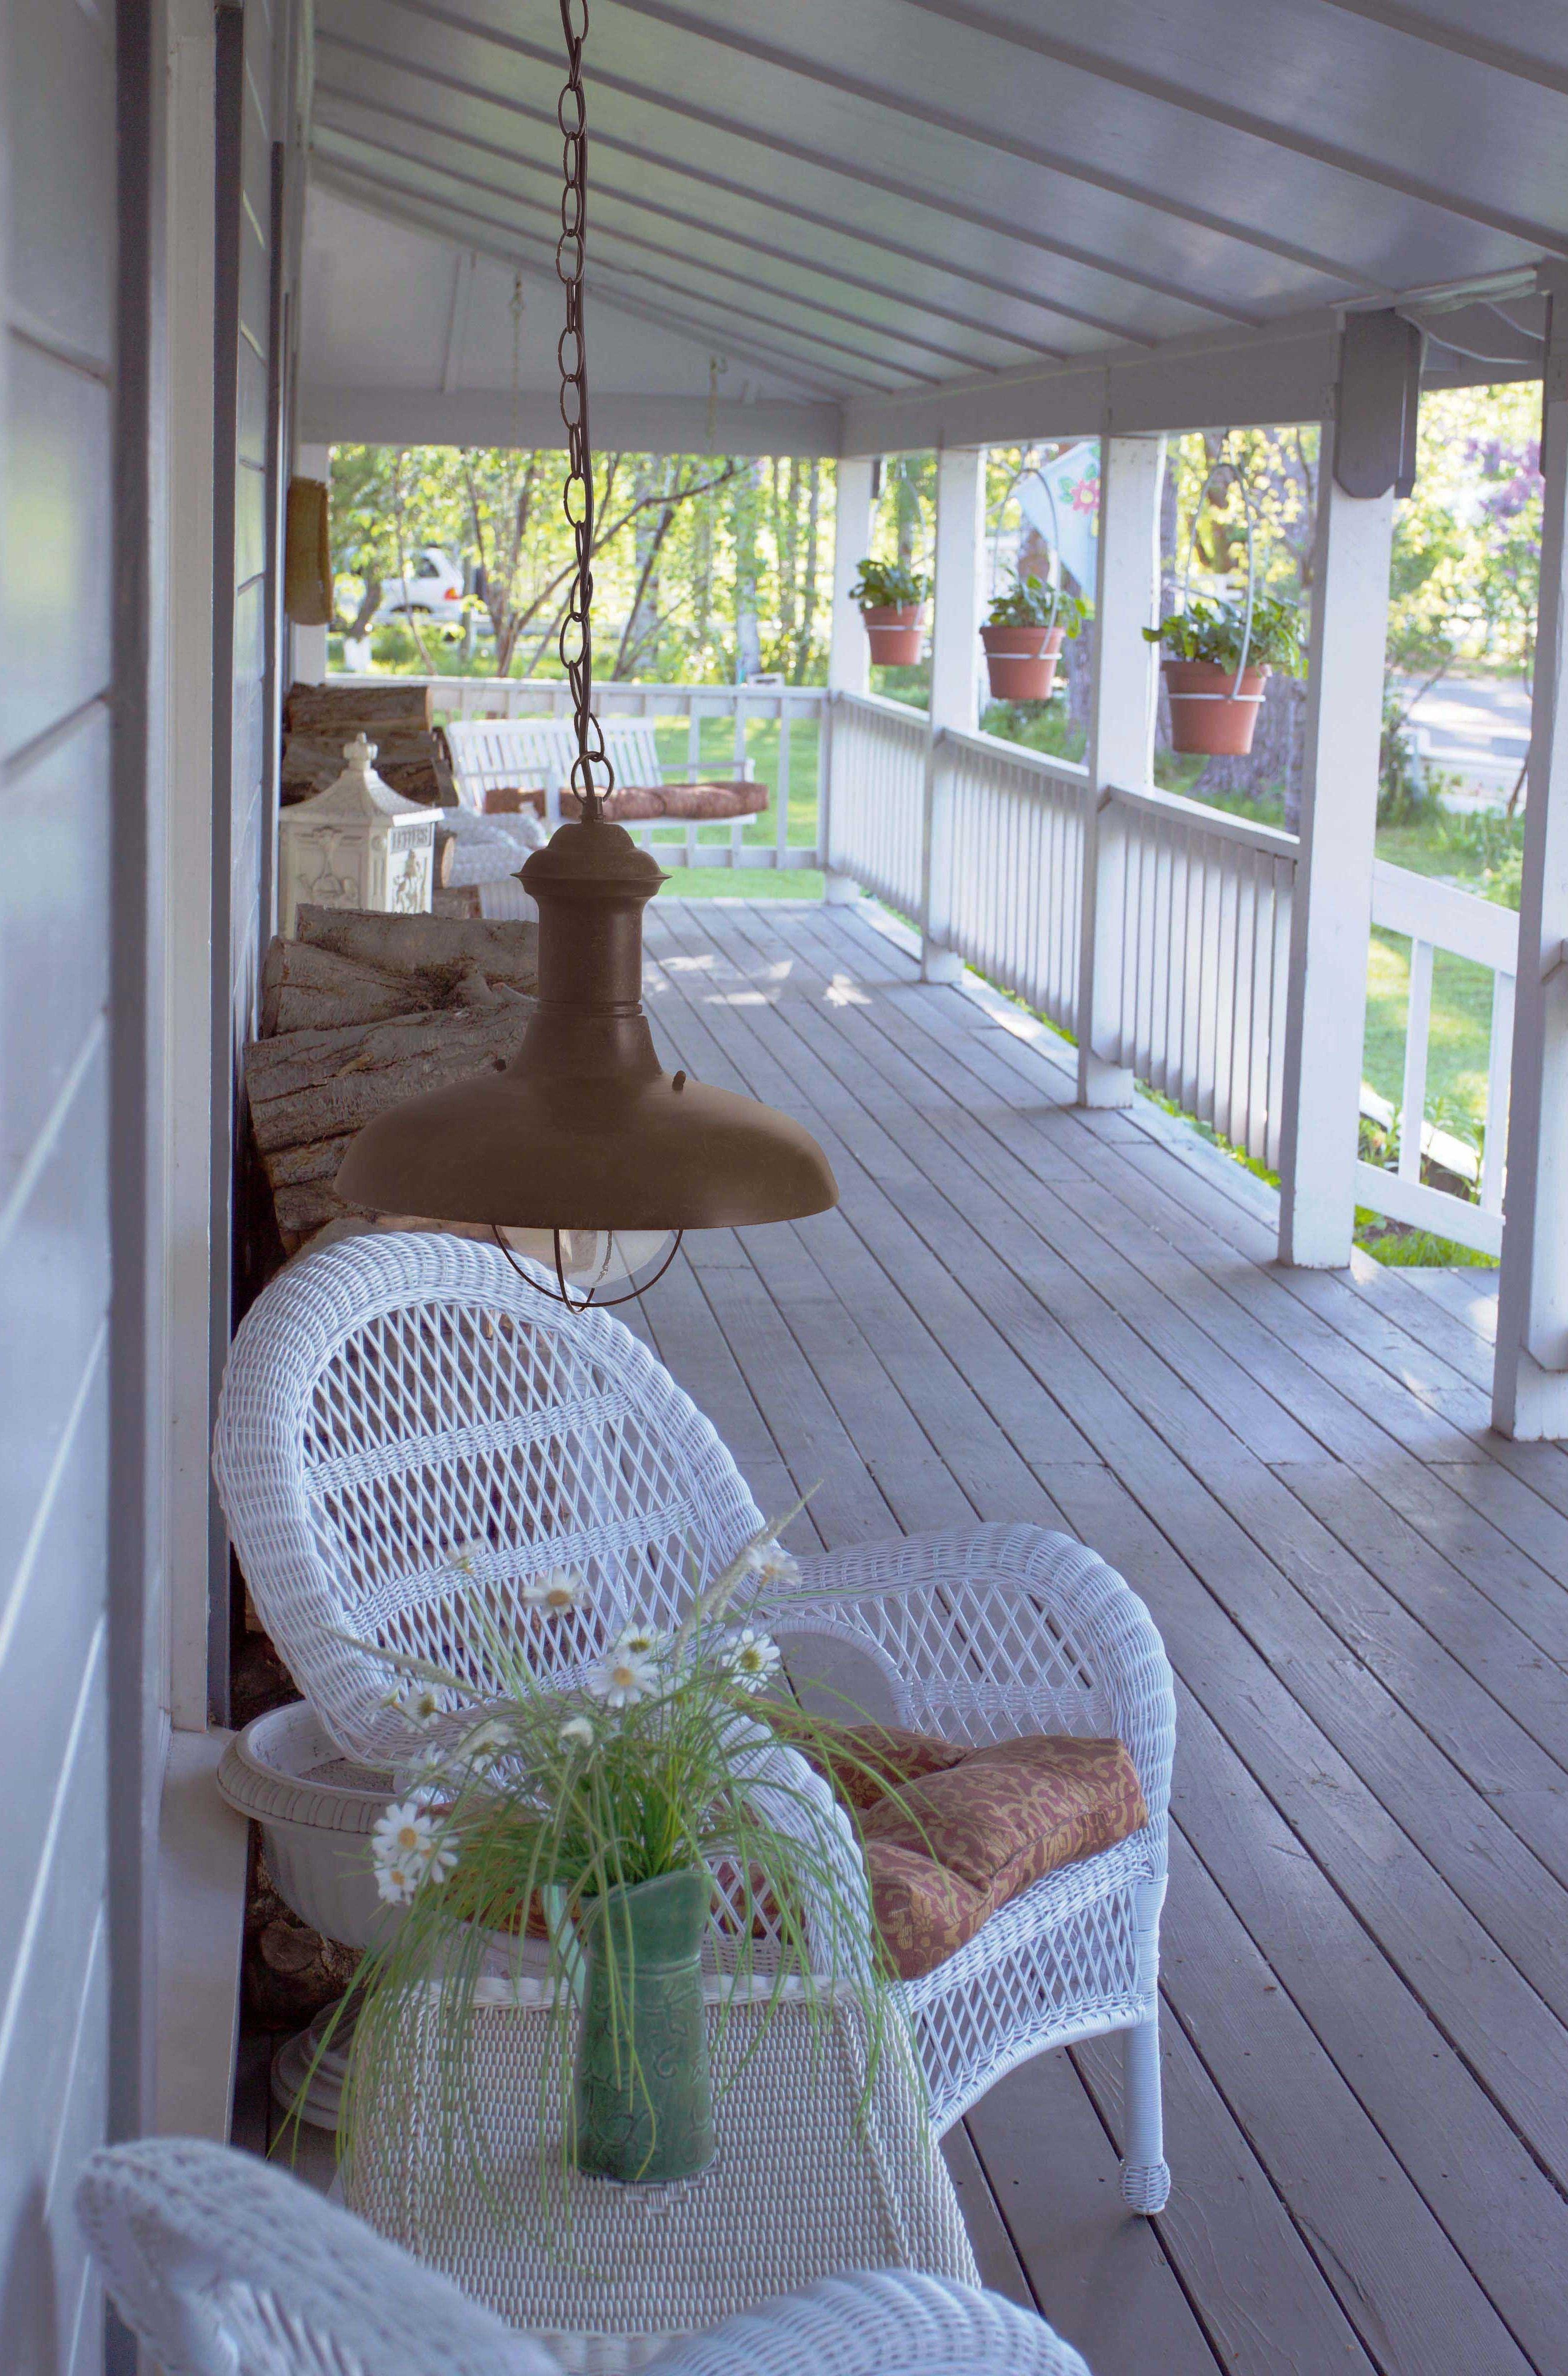 suspension ext rieure estoril p colgante luminaires d 39 ext rieur pinterest exterior. Black Bedroom Furniture Sets. Home Design Ideas